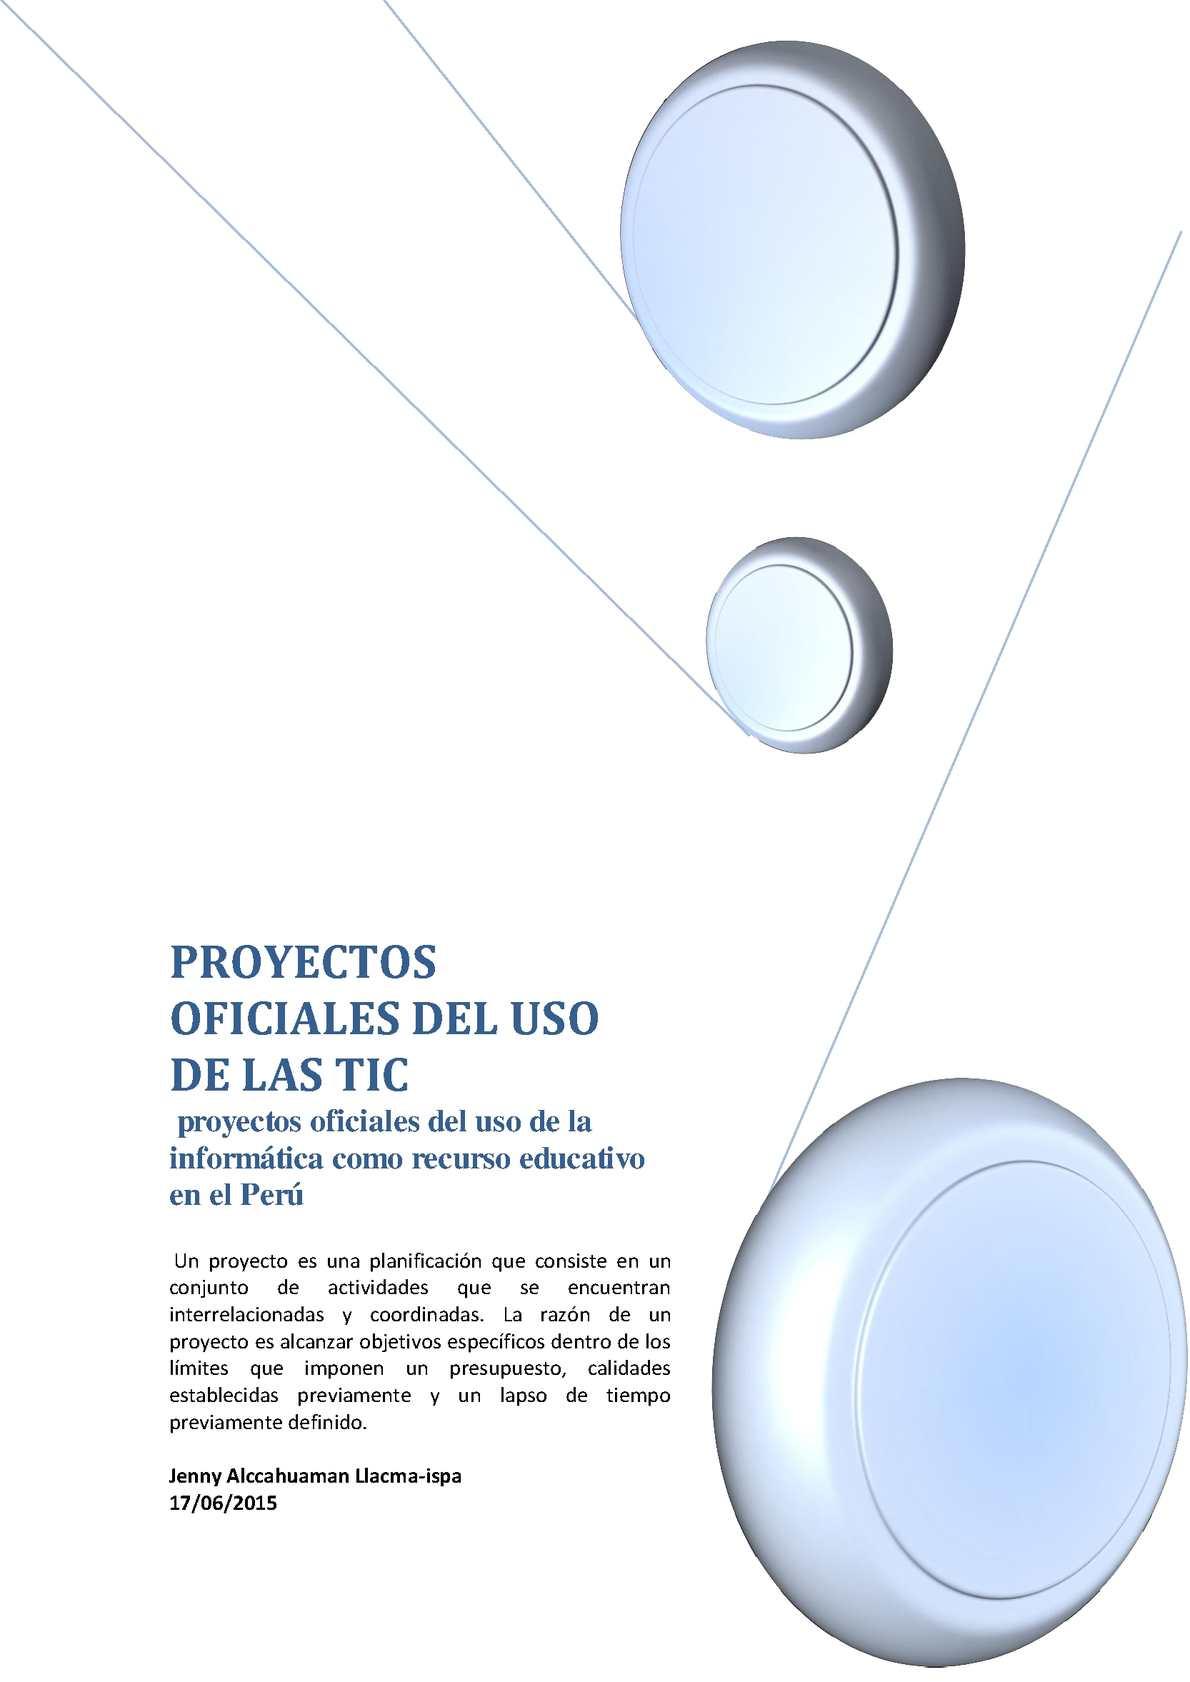 Proyectos Oficiales De Las Tic En El Perú